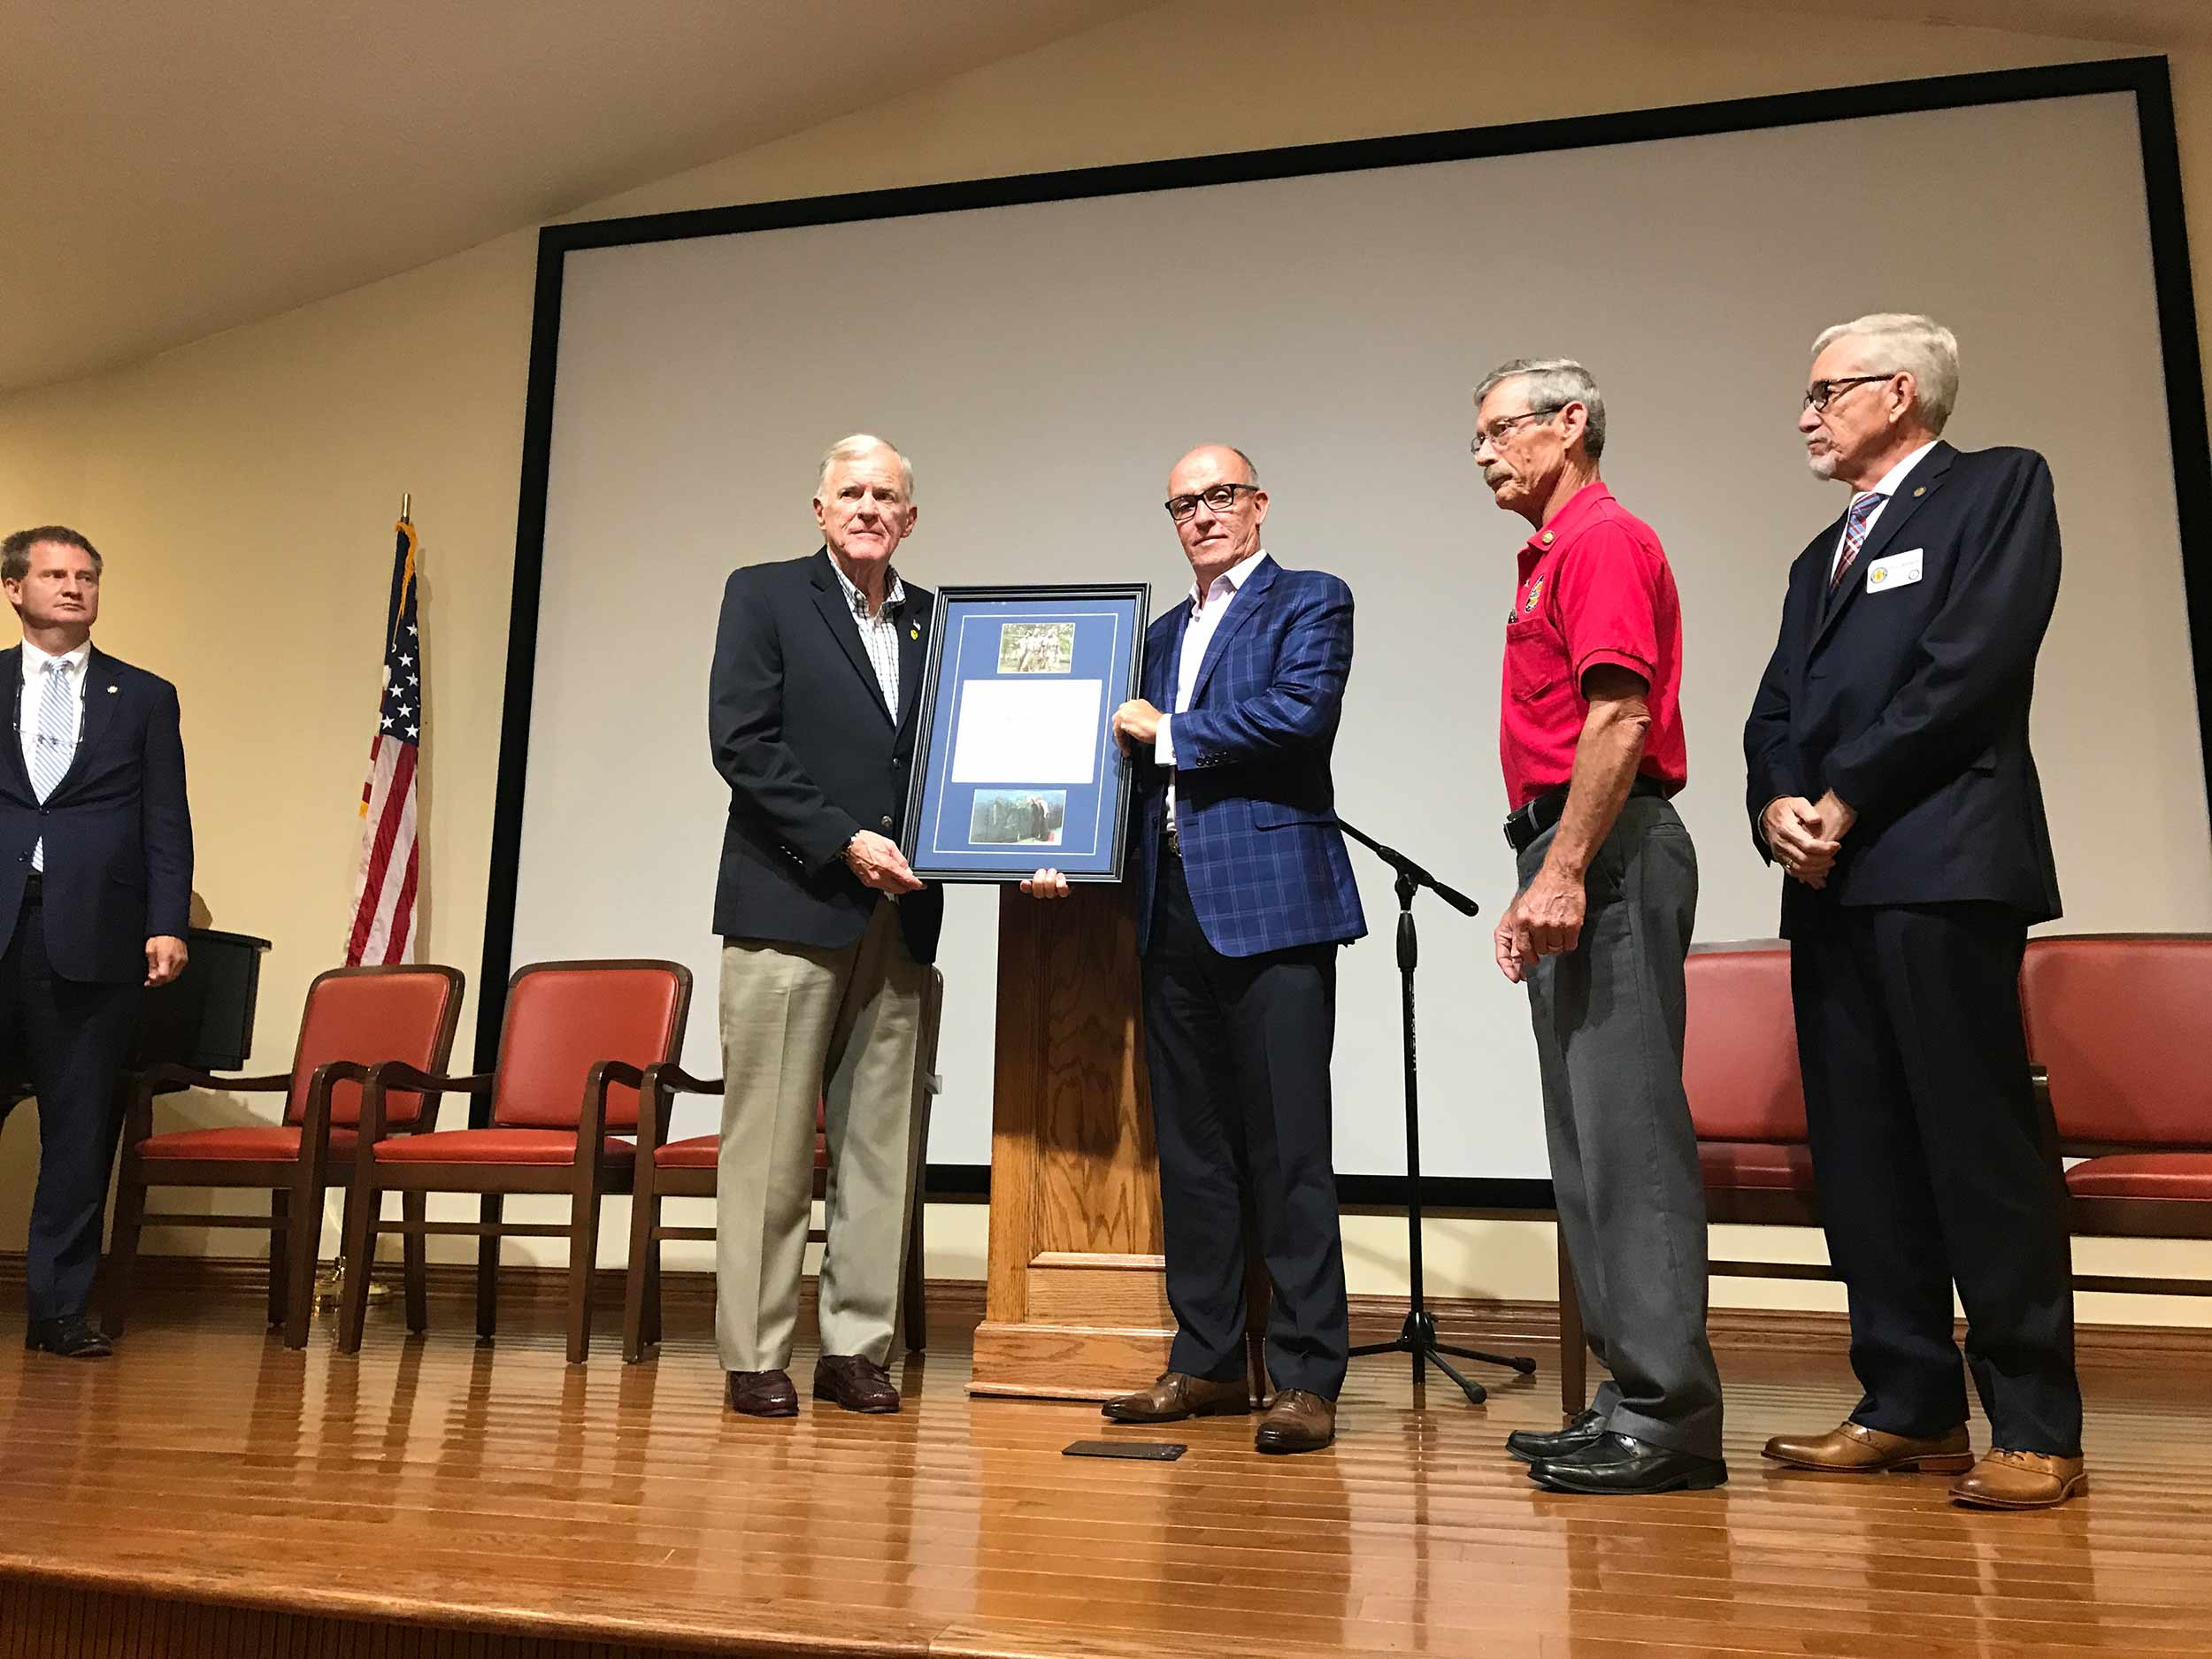 Eddie receiving the Lifetime Membership Award from Vietnam Veterans of America